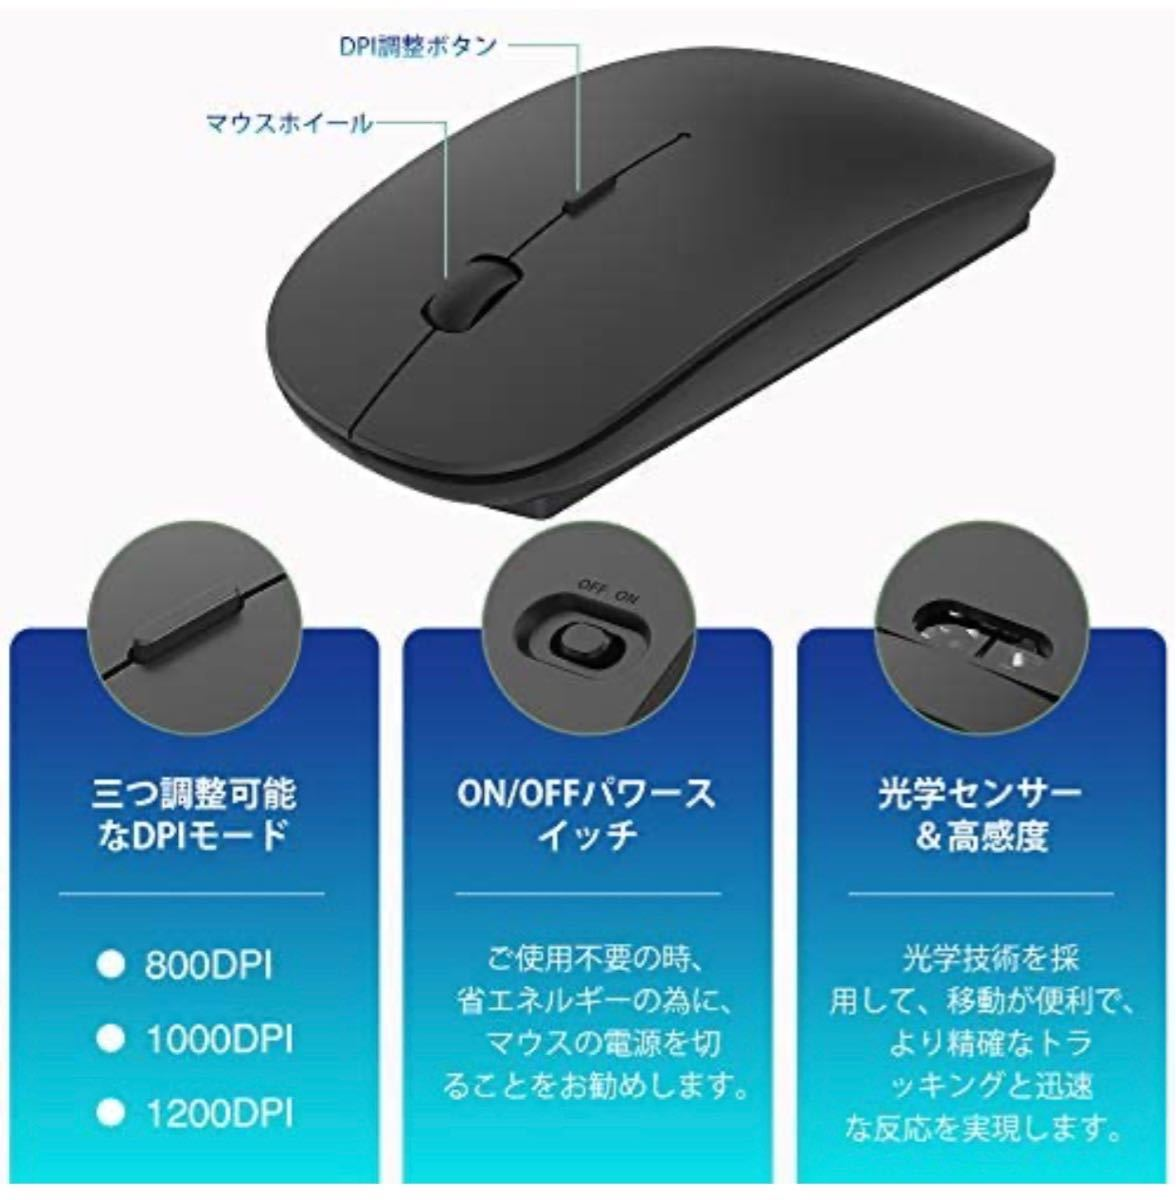 【高精度進化版!感度アップ】無線マウス ワイヤレスマウス 超薄型 小型 軽量 光学式 持ち運び便利 省エネルギー 高精度